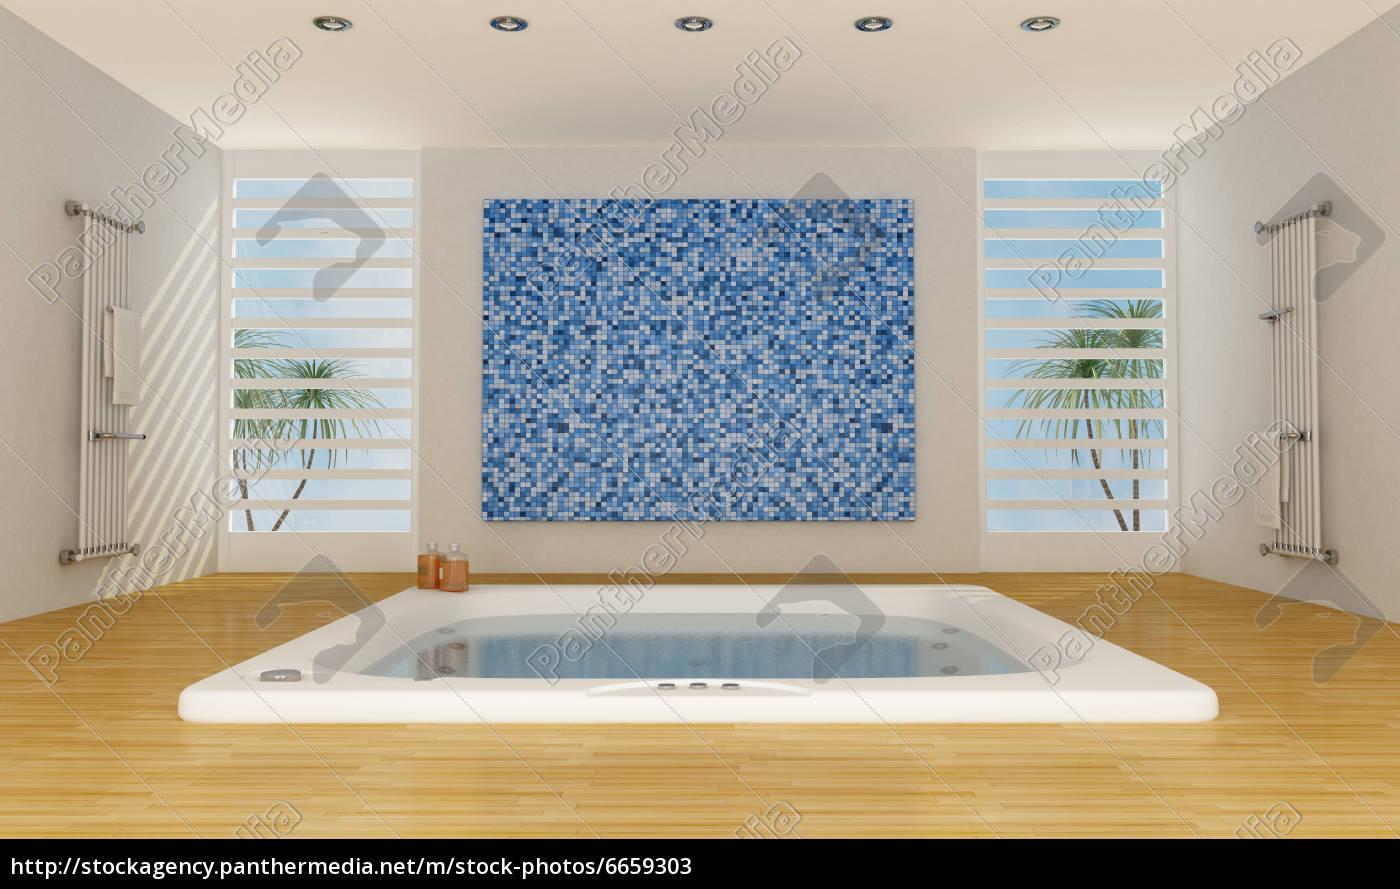 Lizenzfreies Bild 6659303 - moderne luxus badezimmer